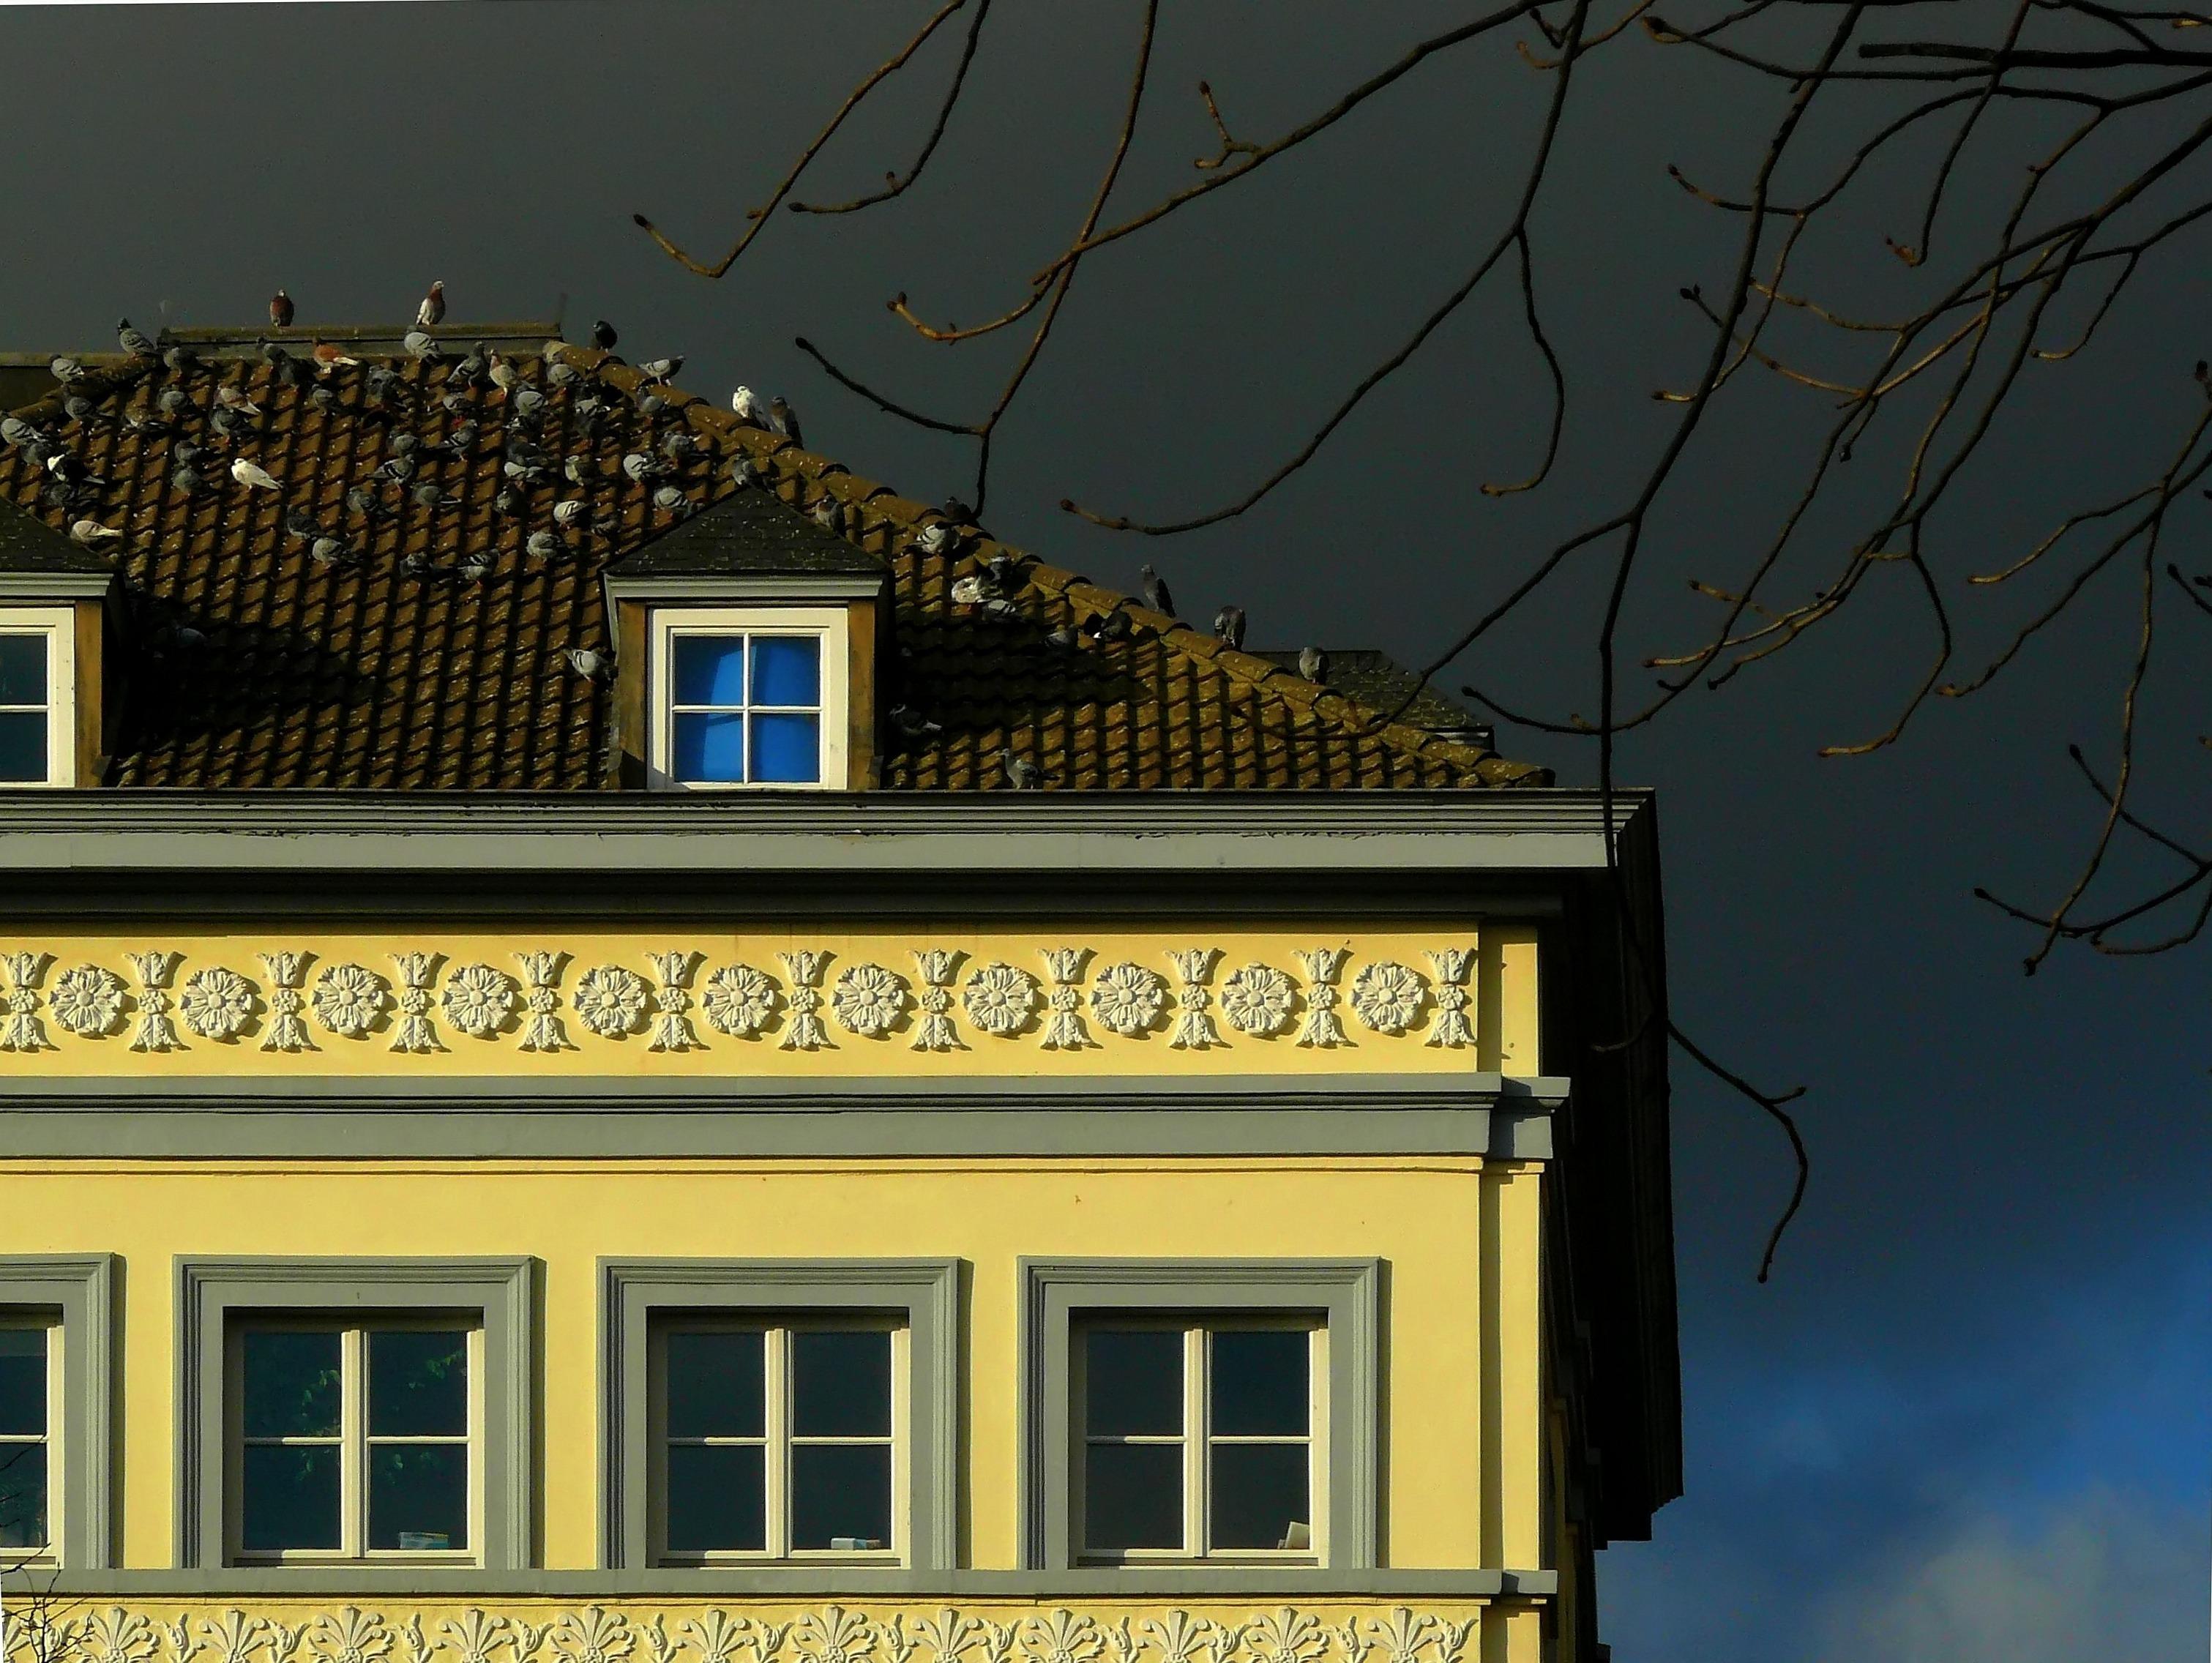 rood weer facade tegel steen verlichting ornament dakwerk vogelstand duiven wolken dieren duif onweersbui somber dakpannen pleisterwerk